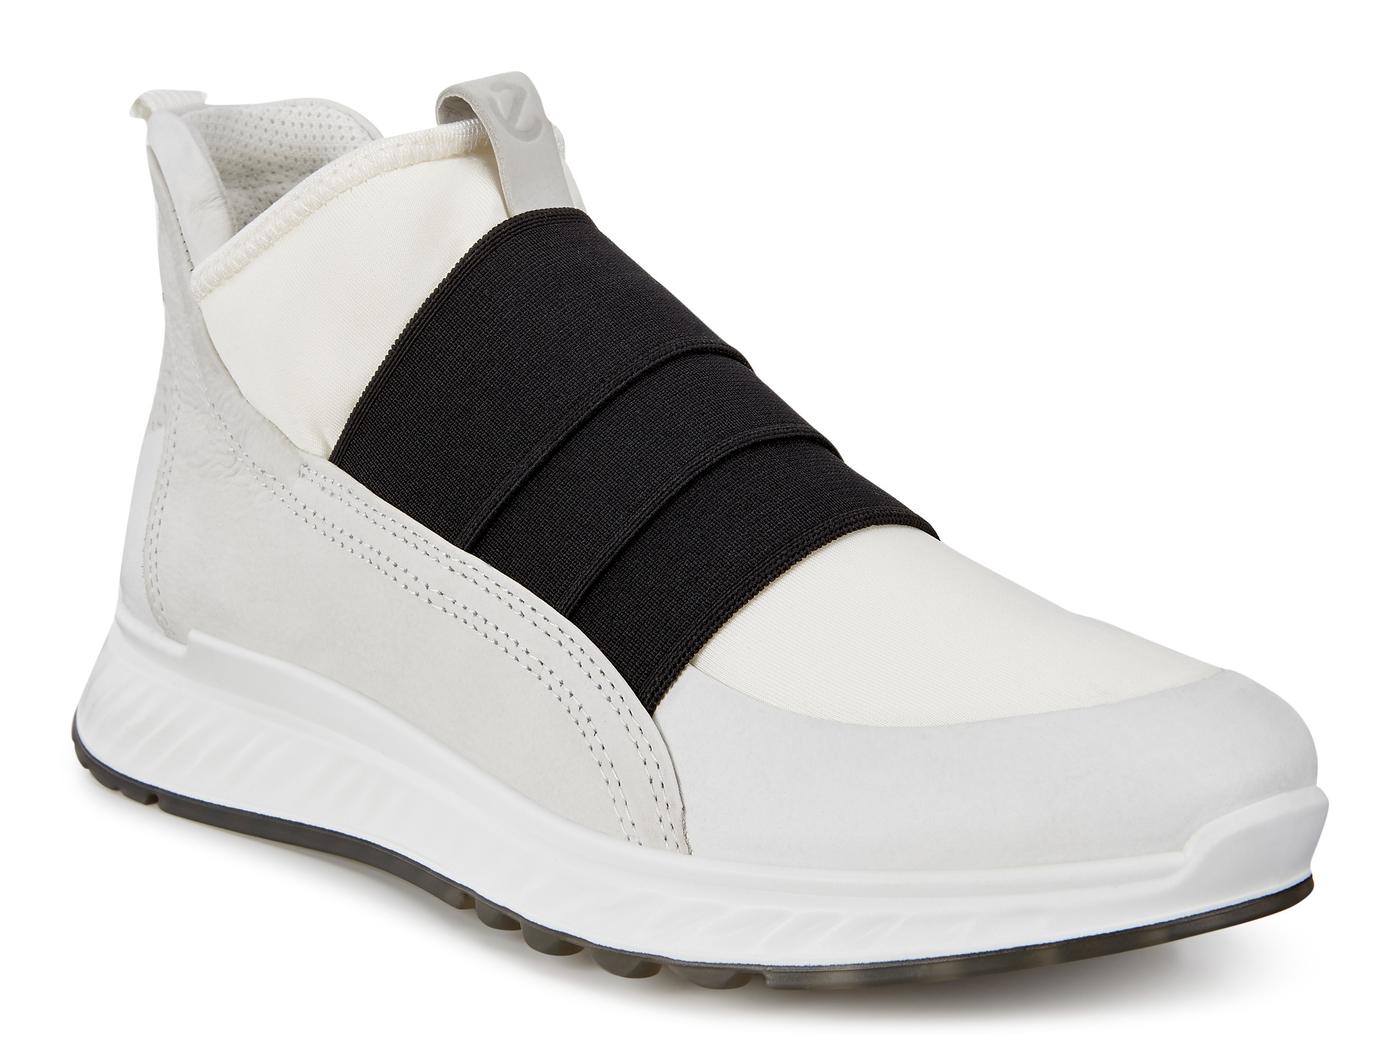 ECCO ST1 Womens Sneaker Slip-on